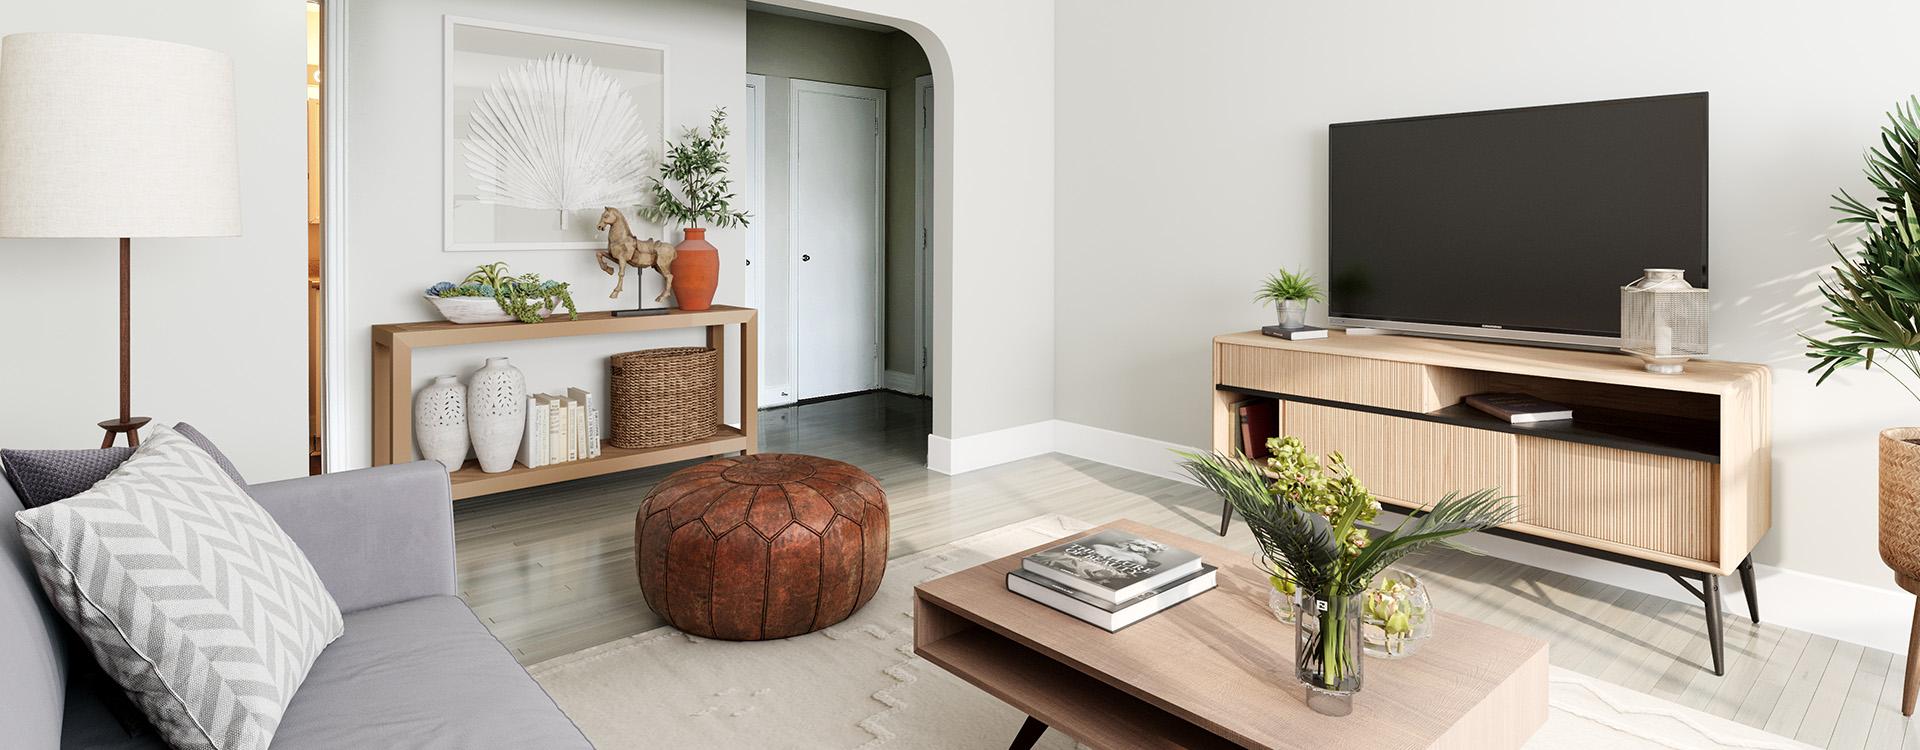 the-brant-36-brant-street-ottawa-living-room